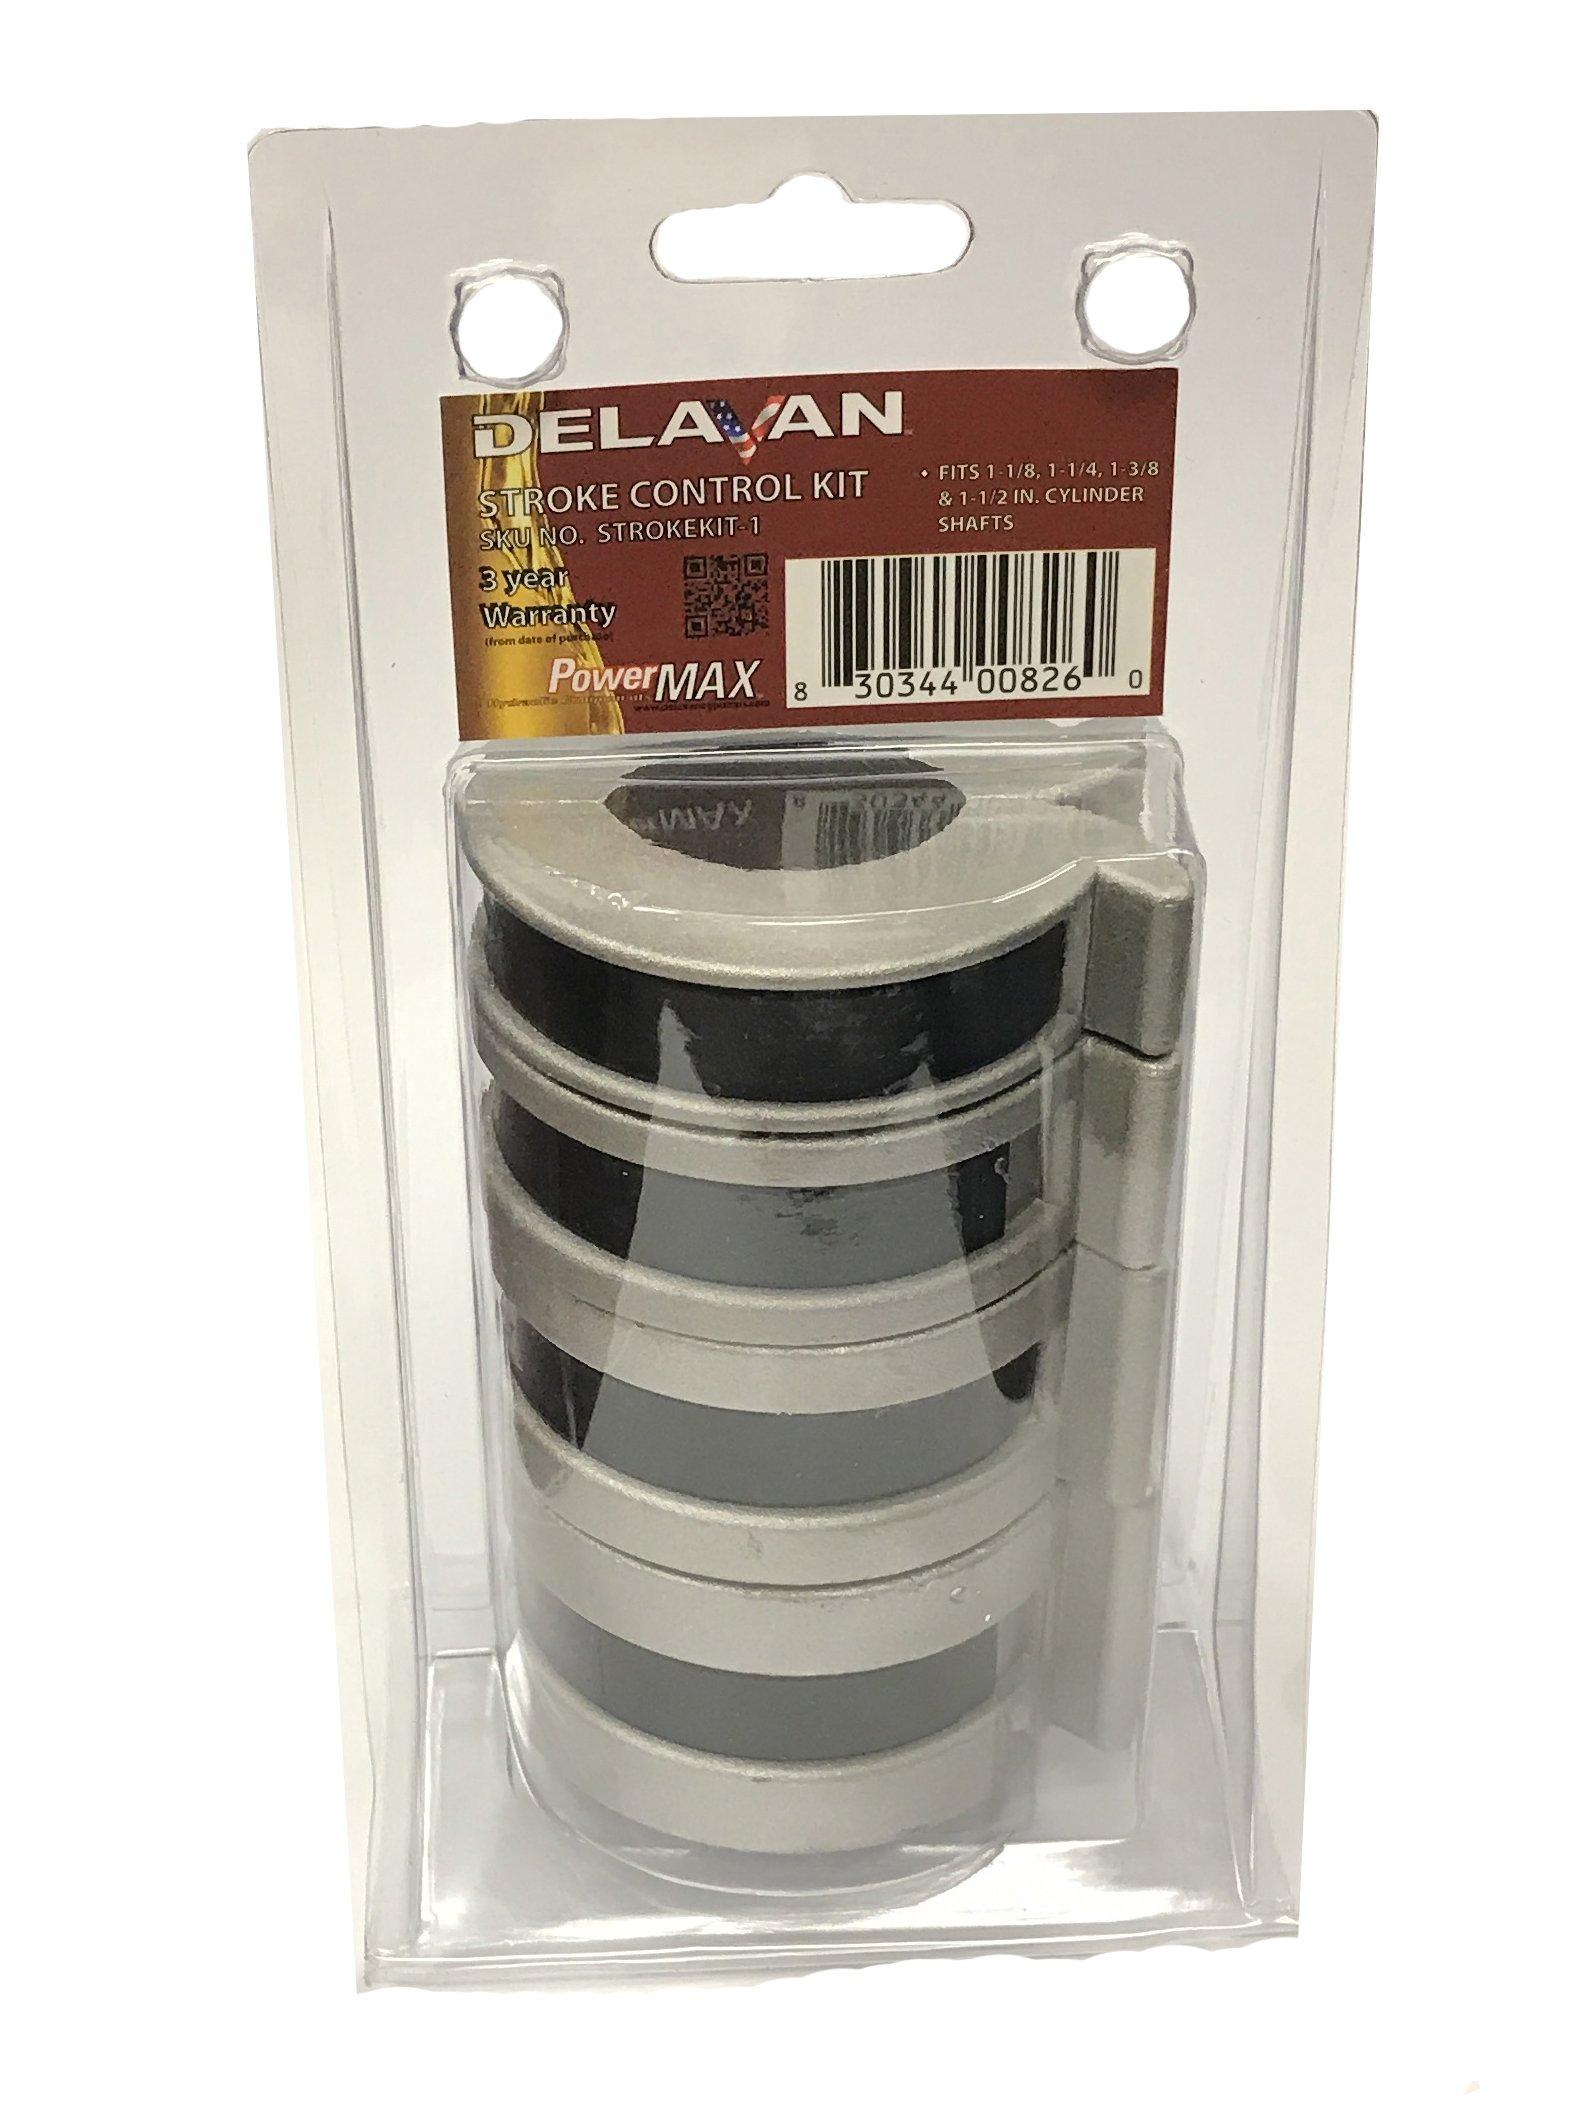 Delavan PowerMAX Stroke Control Kit 1 Fits: 1-1/8'', 1-1/4'', 1-3/8'', 1-1/2'' Cylinder Shafts